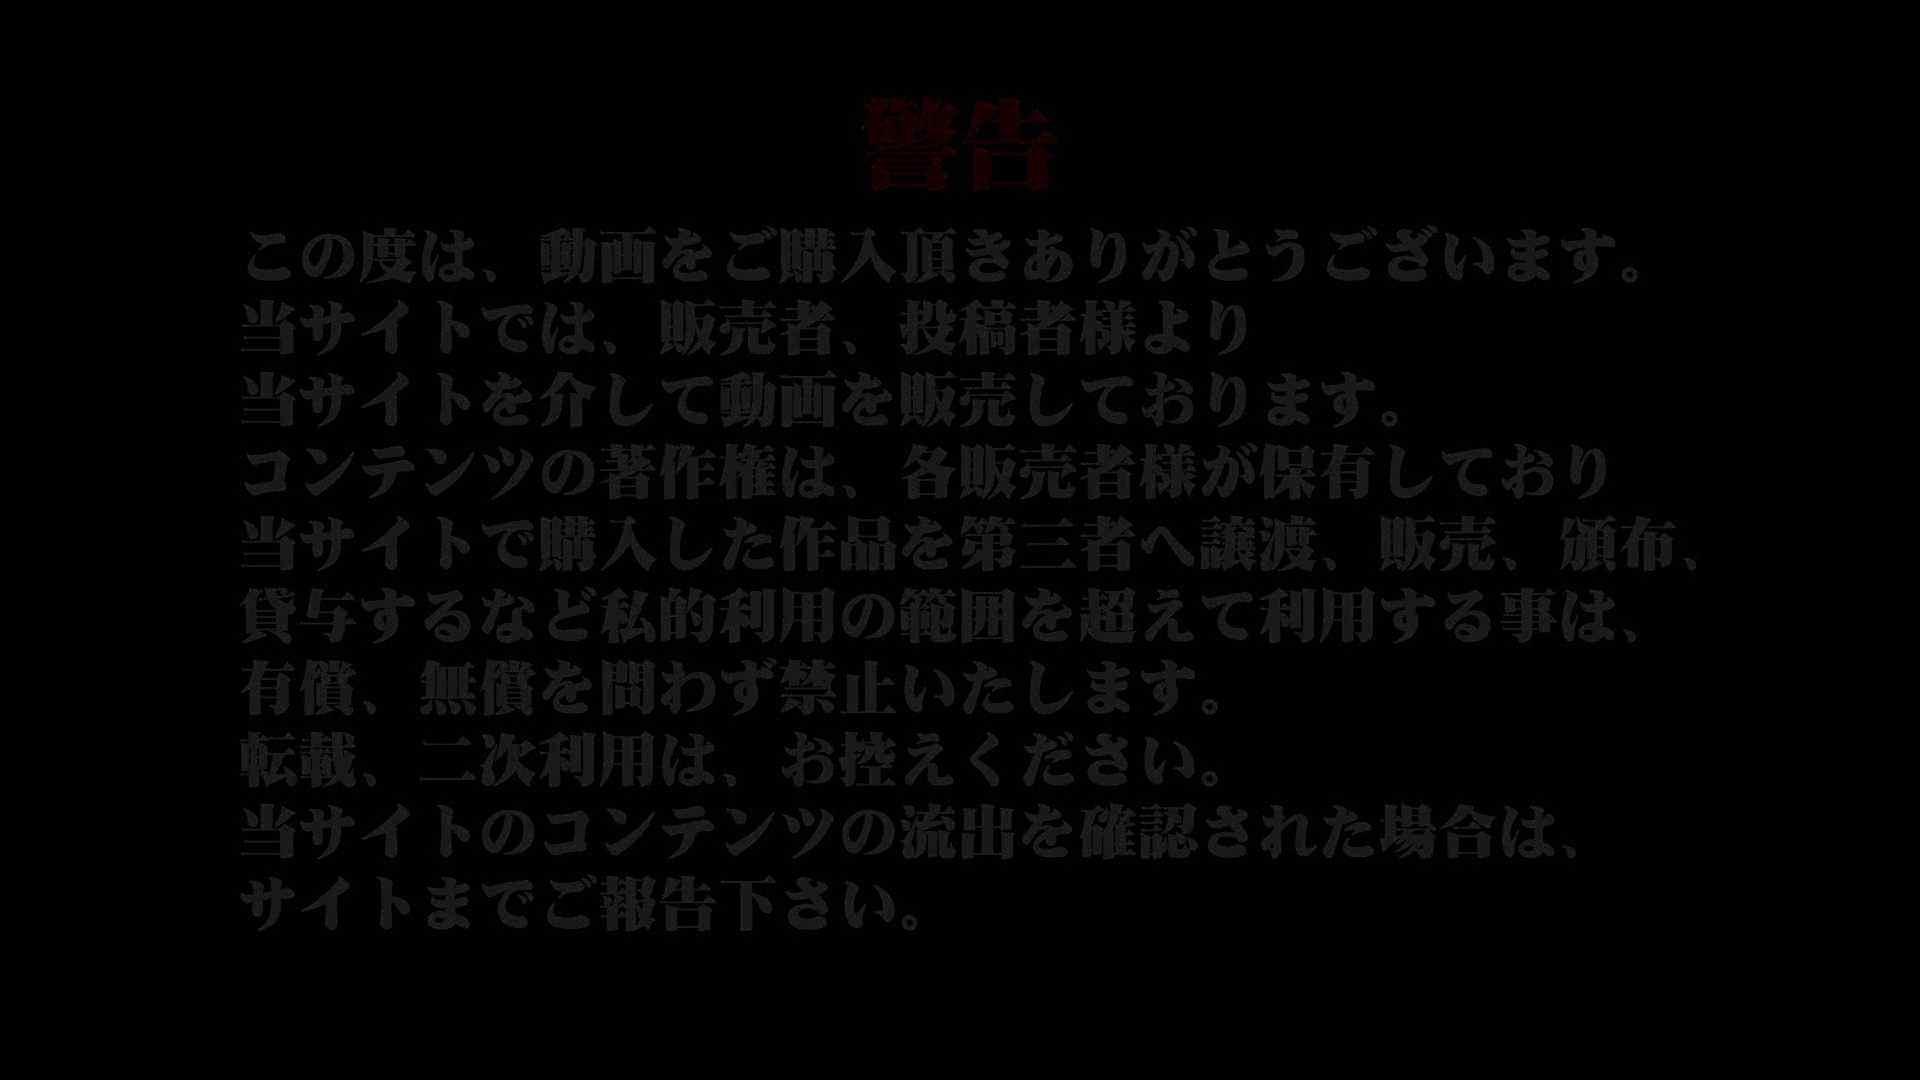 魂のかわや盗撮62連発! 中腰でオマンコパカァ~ 44発目! マンコ  83pic 29